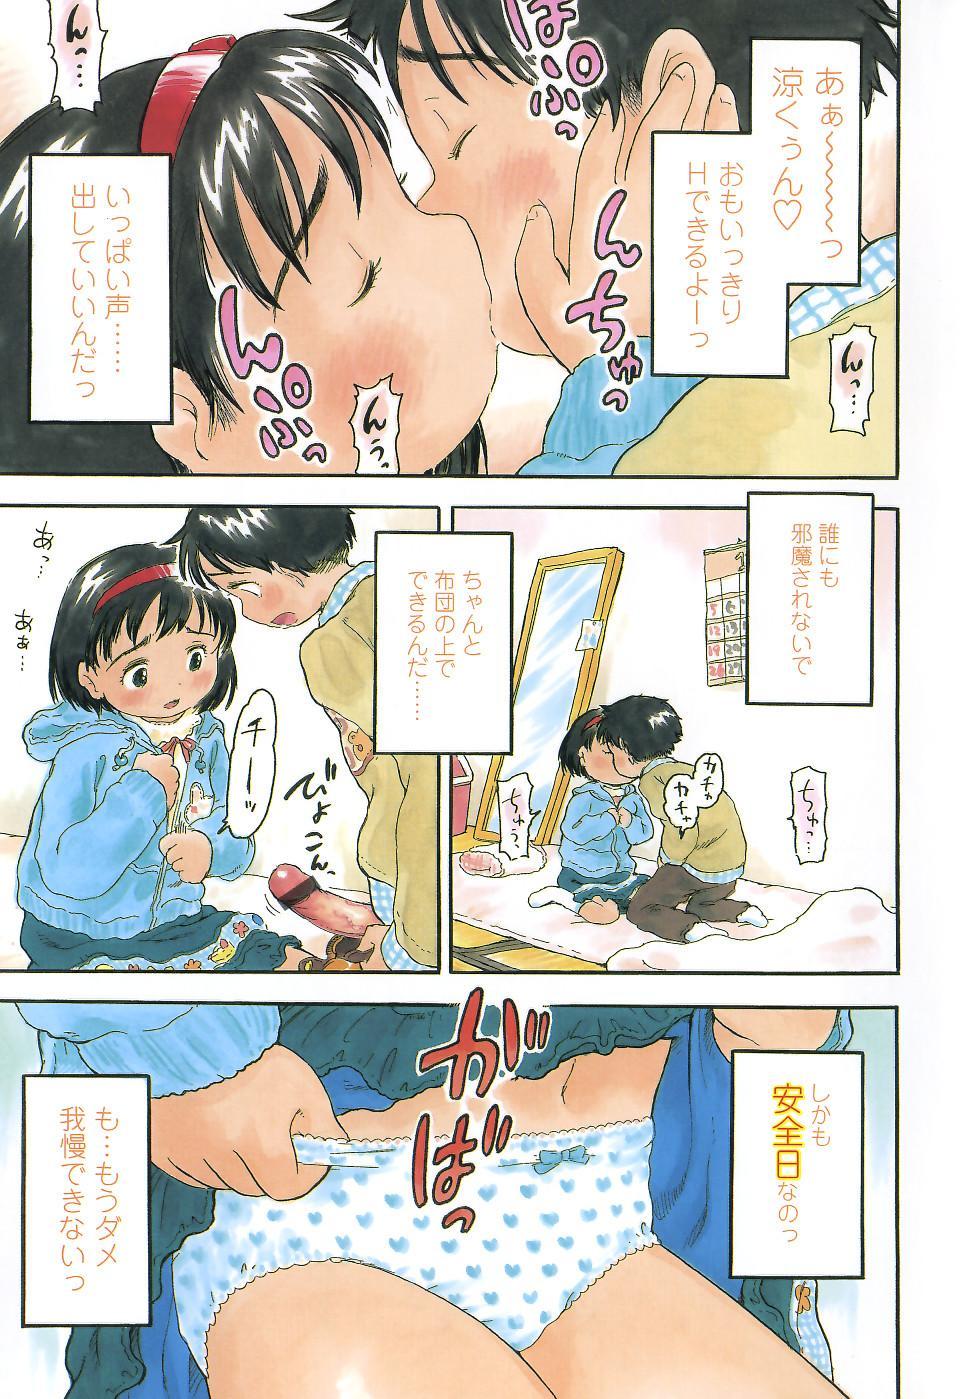 Koisuru Fukurami 8